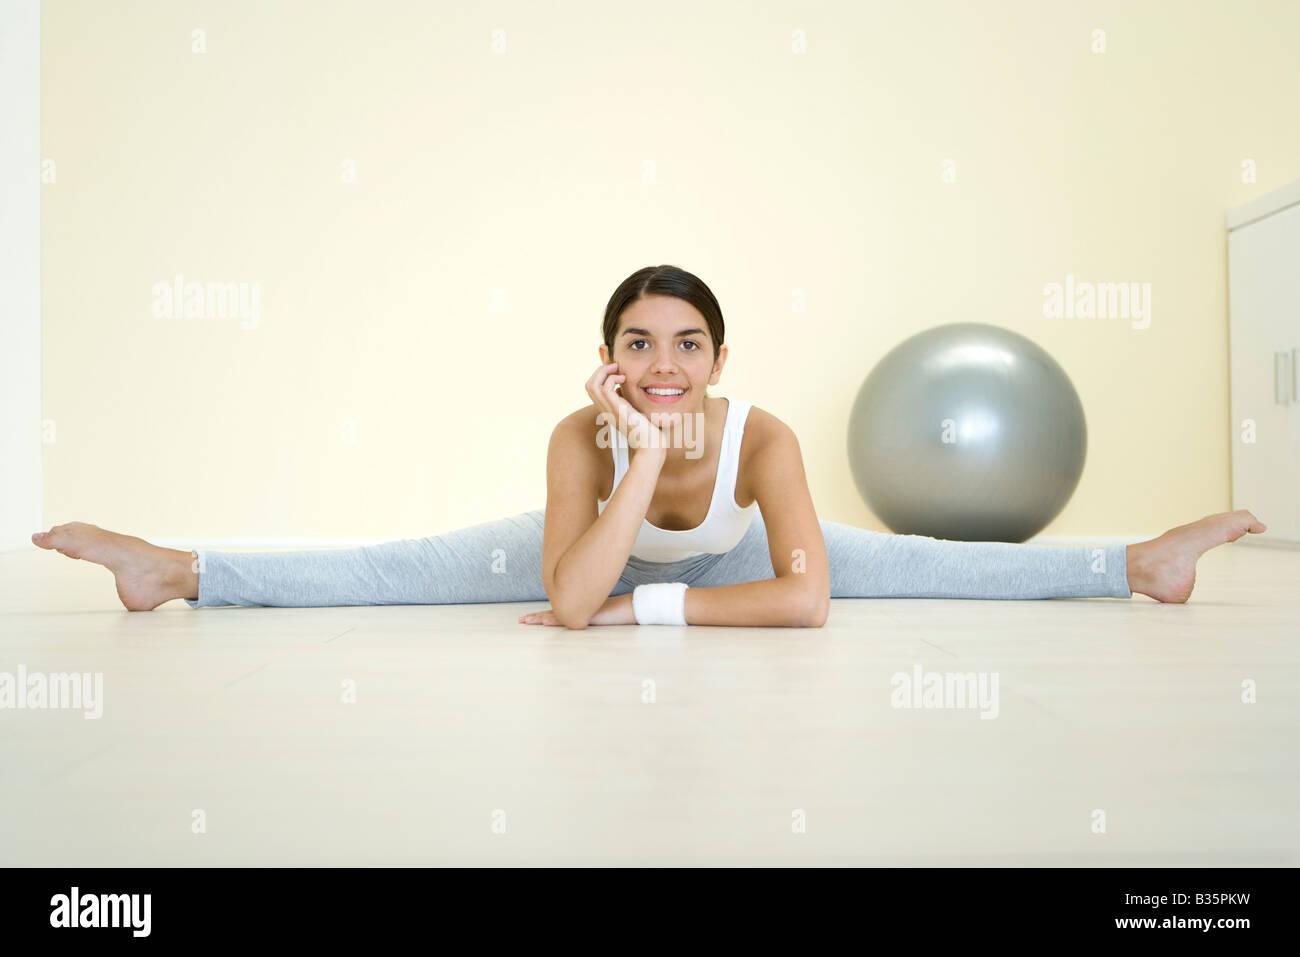 Mujer joven hacer split en el suelo, sonriendo a la cámara Imagen De Stock